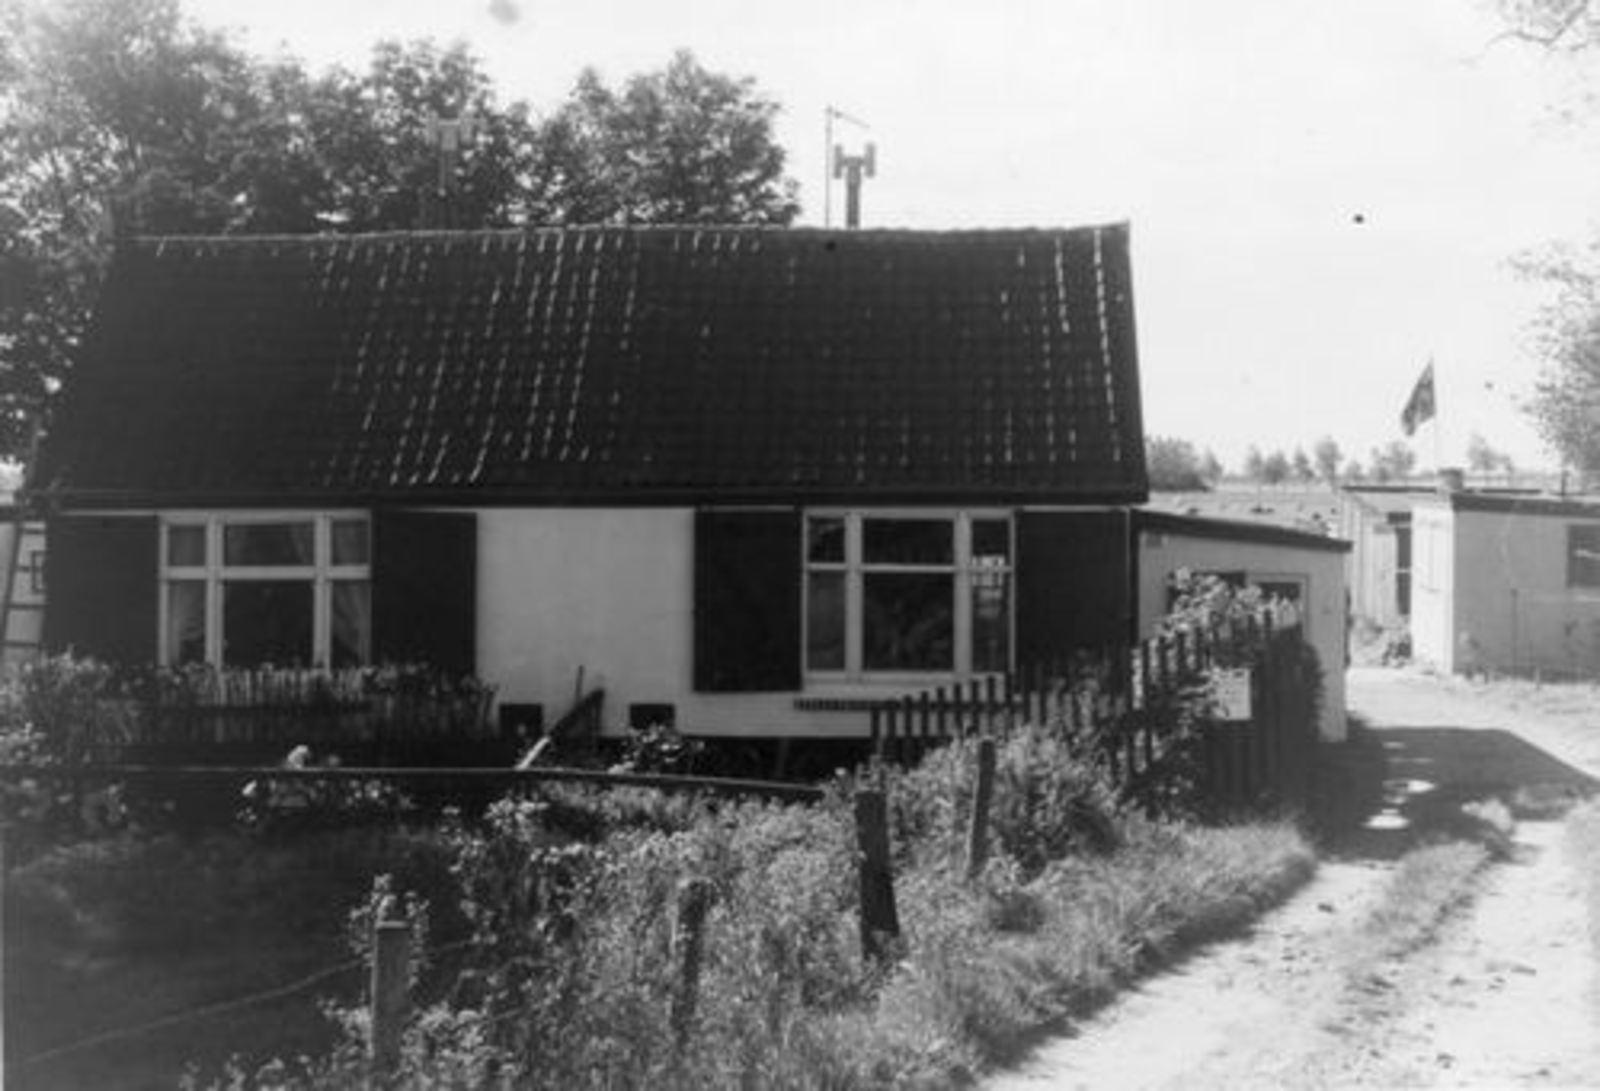 Zwanenburgerdijk 0158-159 1972  Huize .jpg